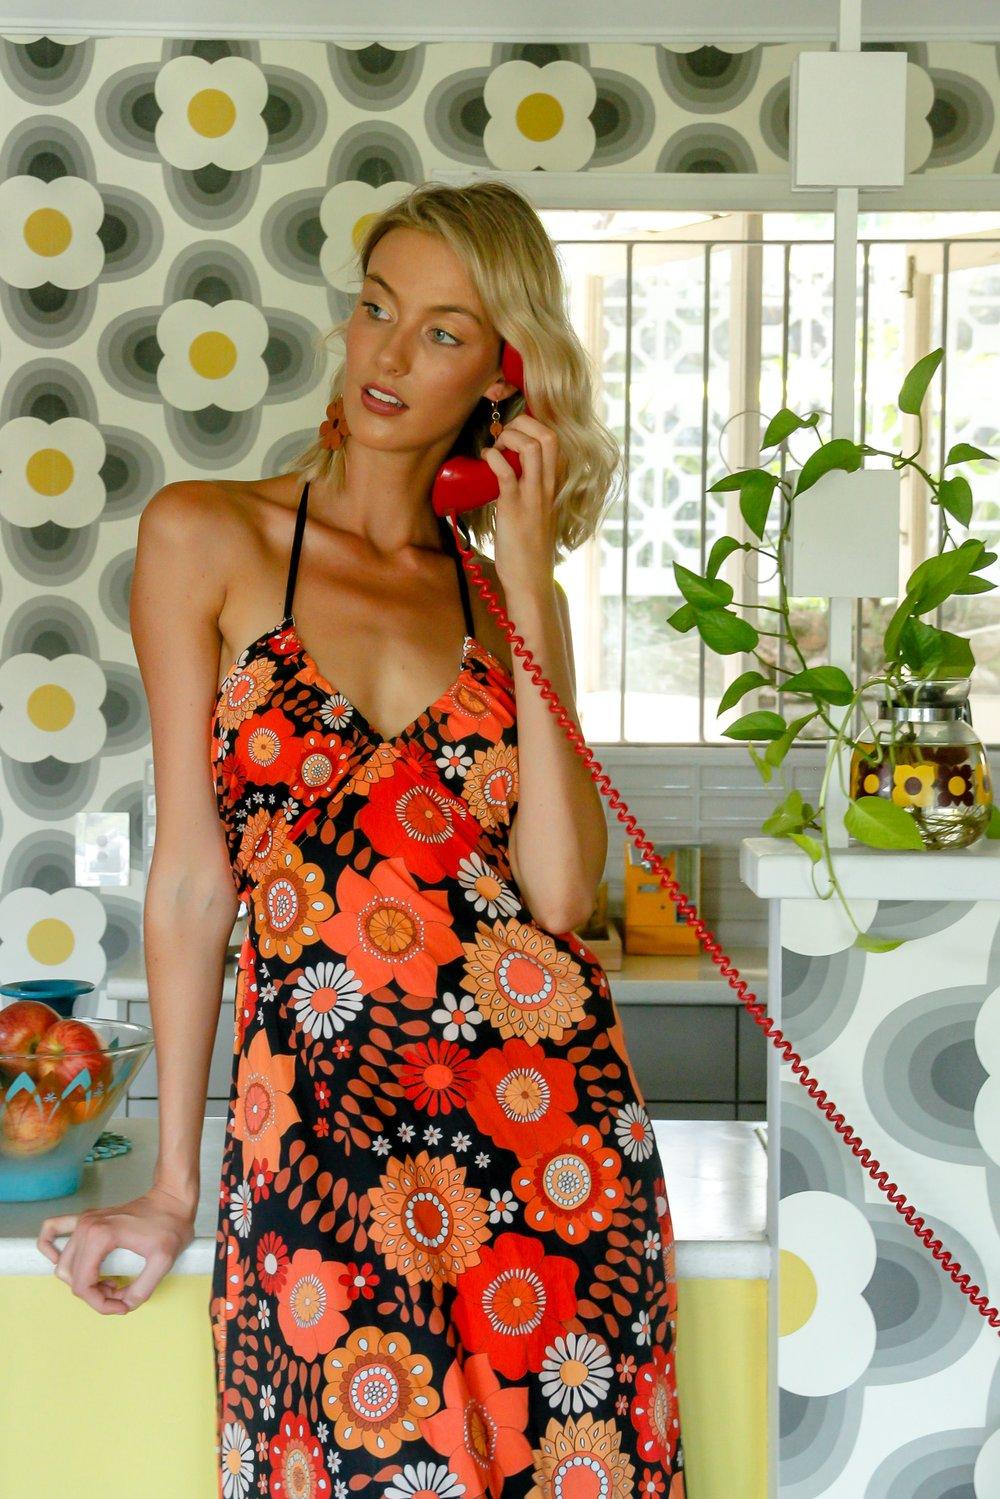 Disco darlin' Tie back Halter dress in Lover lover red